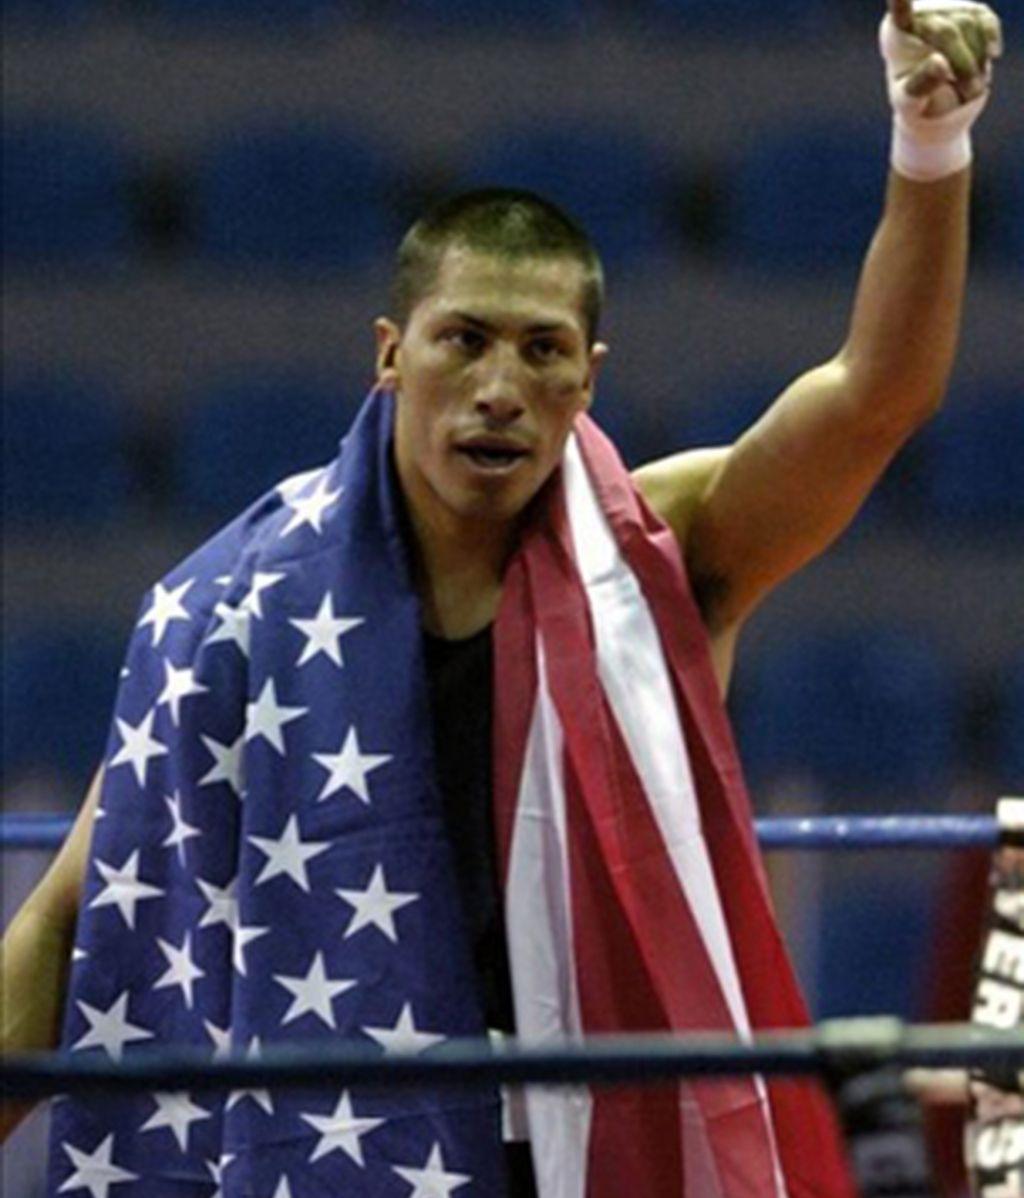 Shawn ganó al argentino Maderna y dio el primer triunfo a Estados Unidos